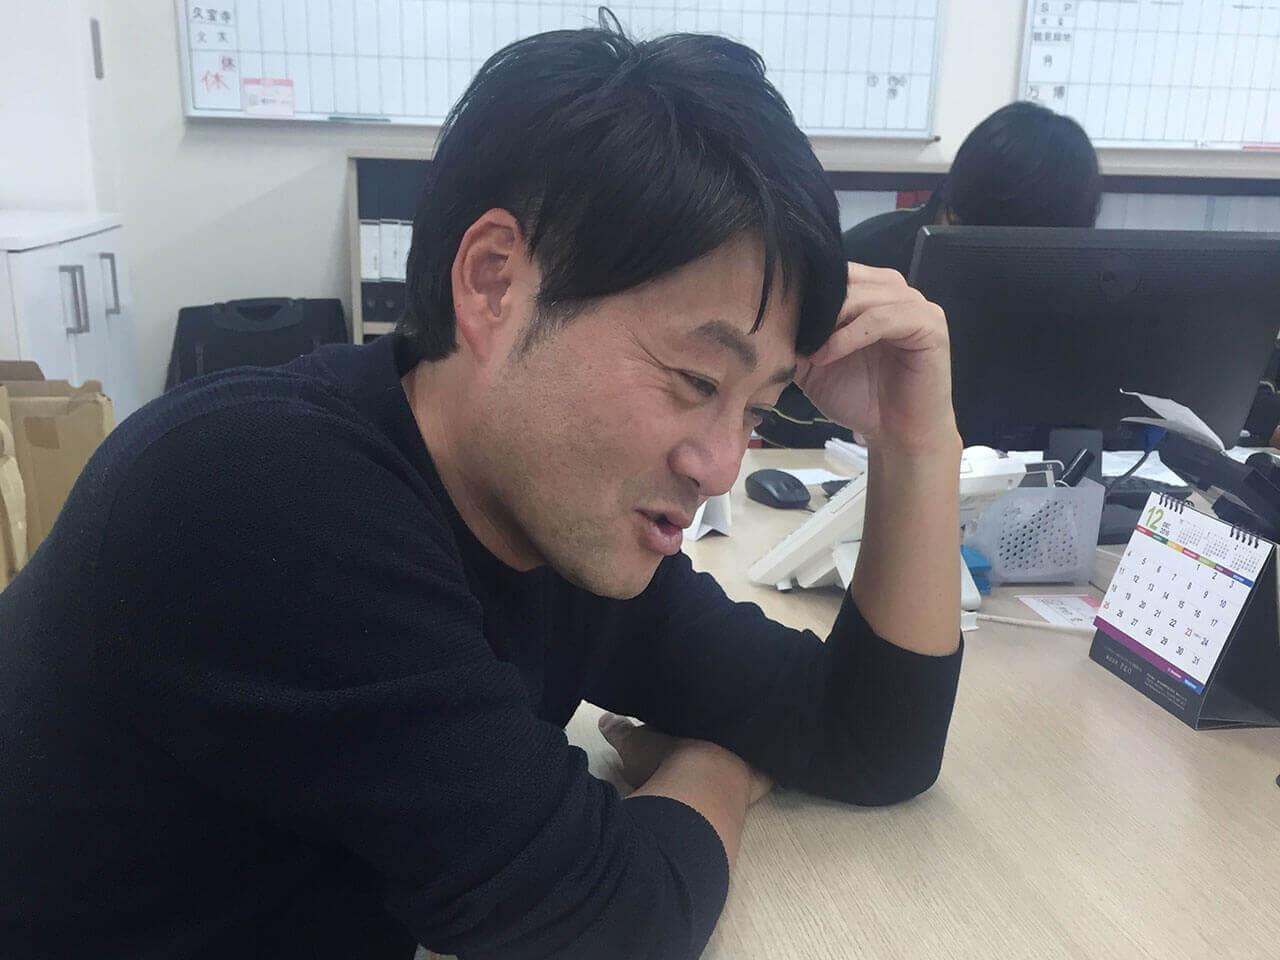 太田亮が入社して感じたこと